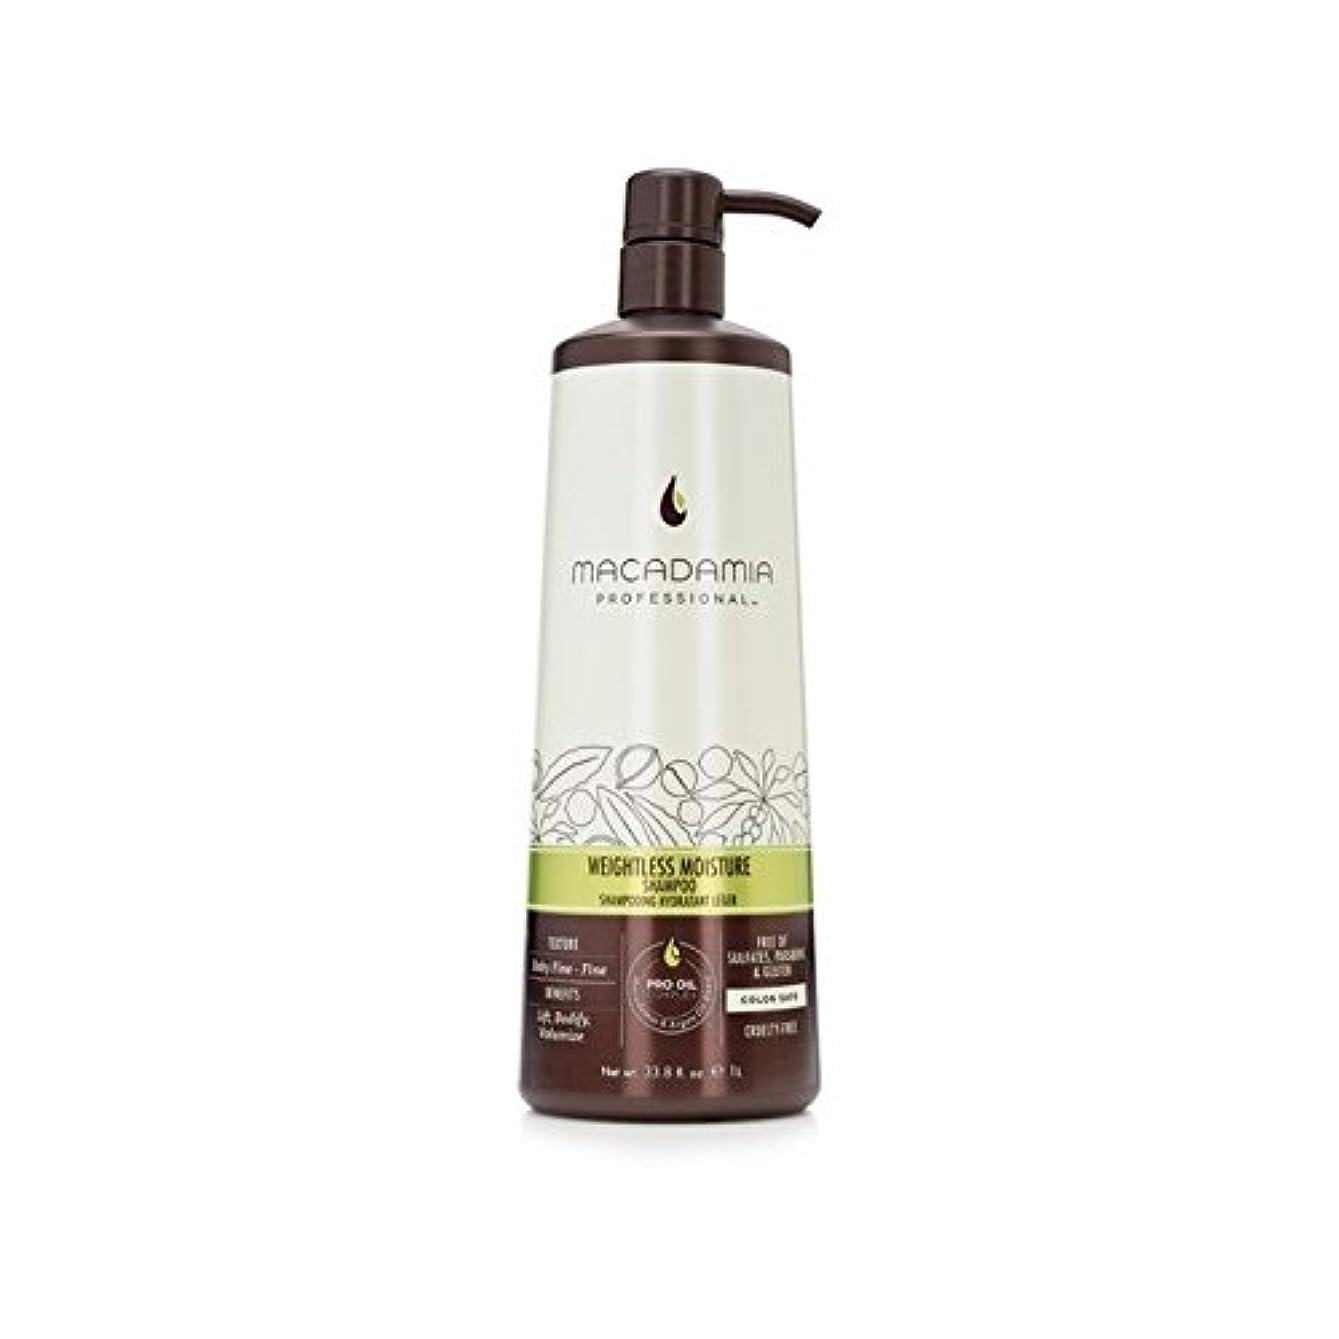 モノグラフキラウエア山抑制するマカダミア無重力水分シャンプー(千ミリリットル) x4 - Macadamia Weightless Moisture Shampoo (1000ml) (Pack of 4) [並行輸入品]